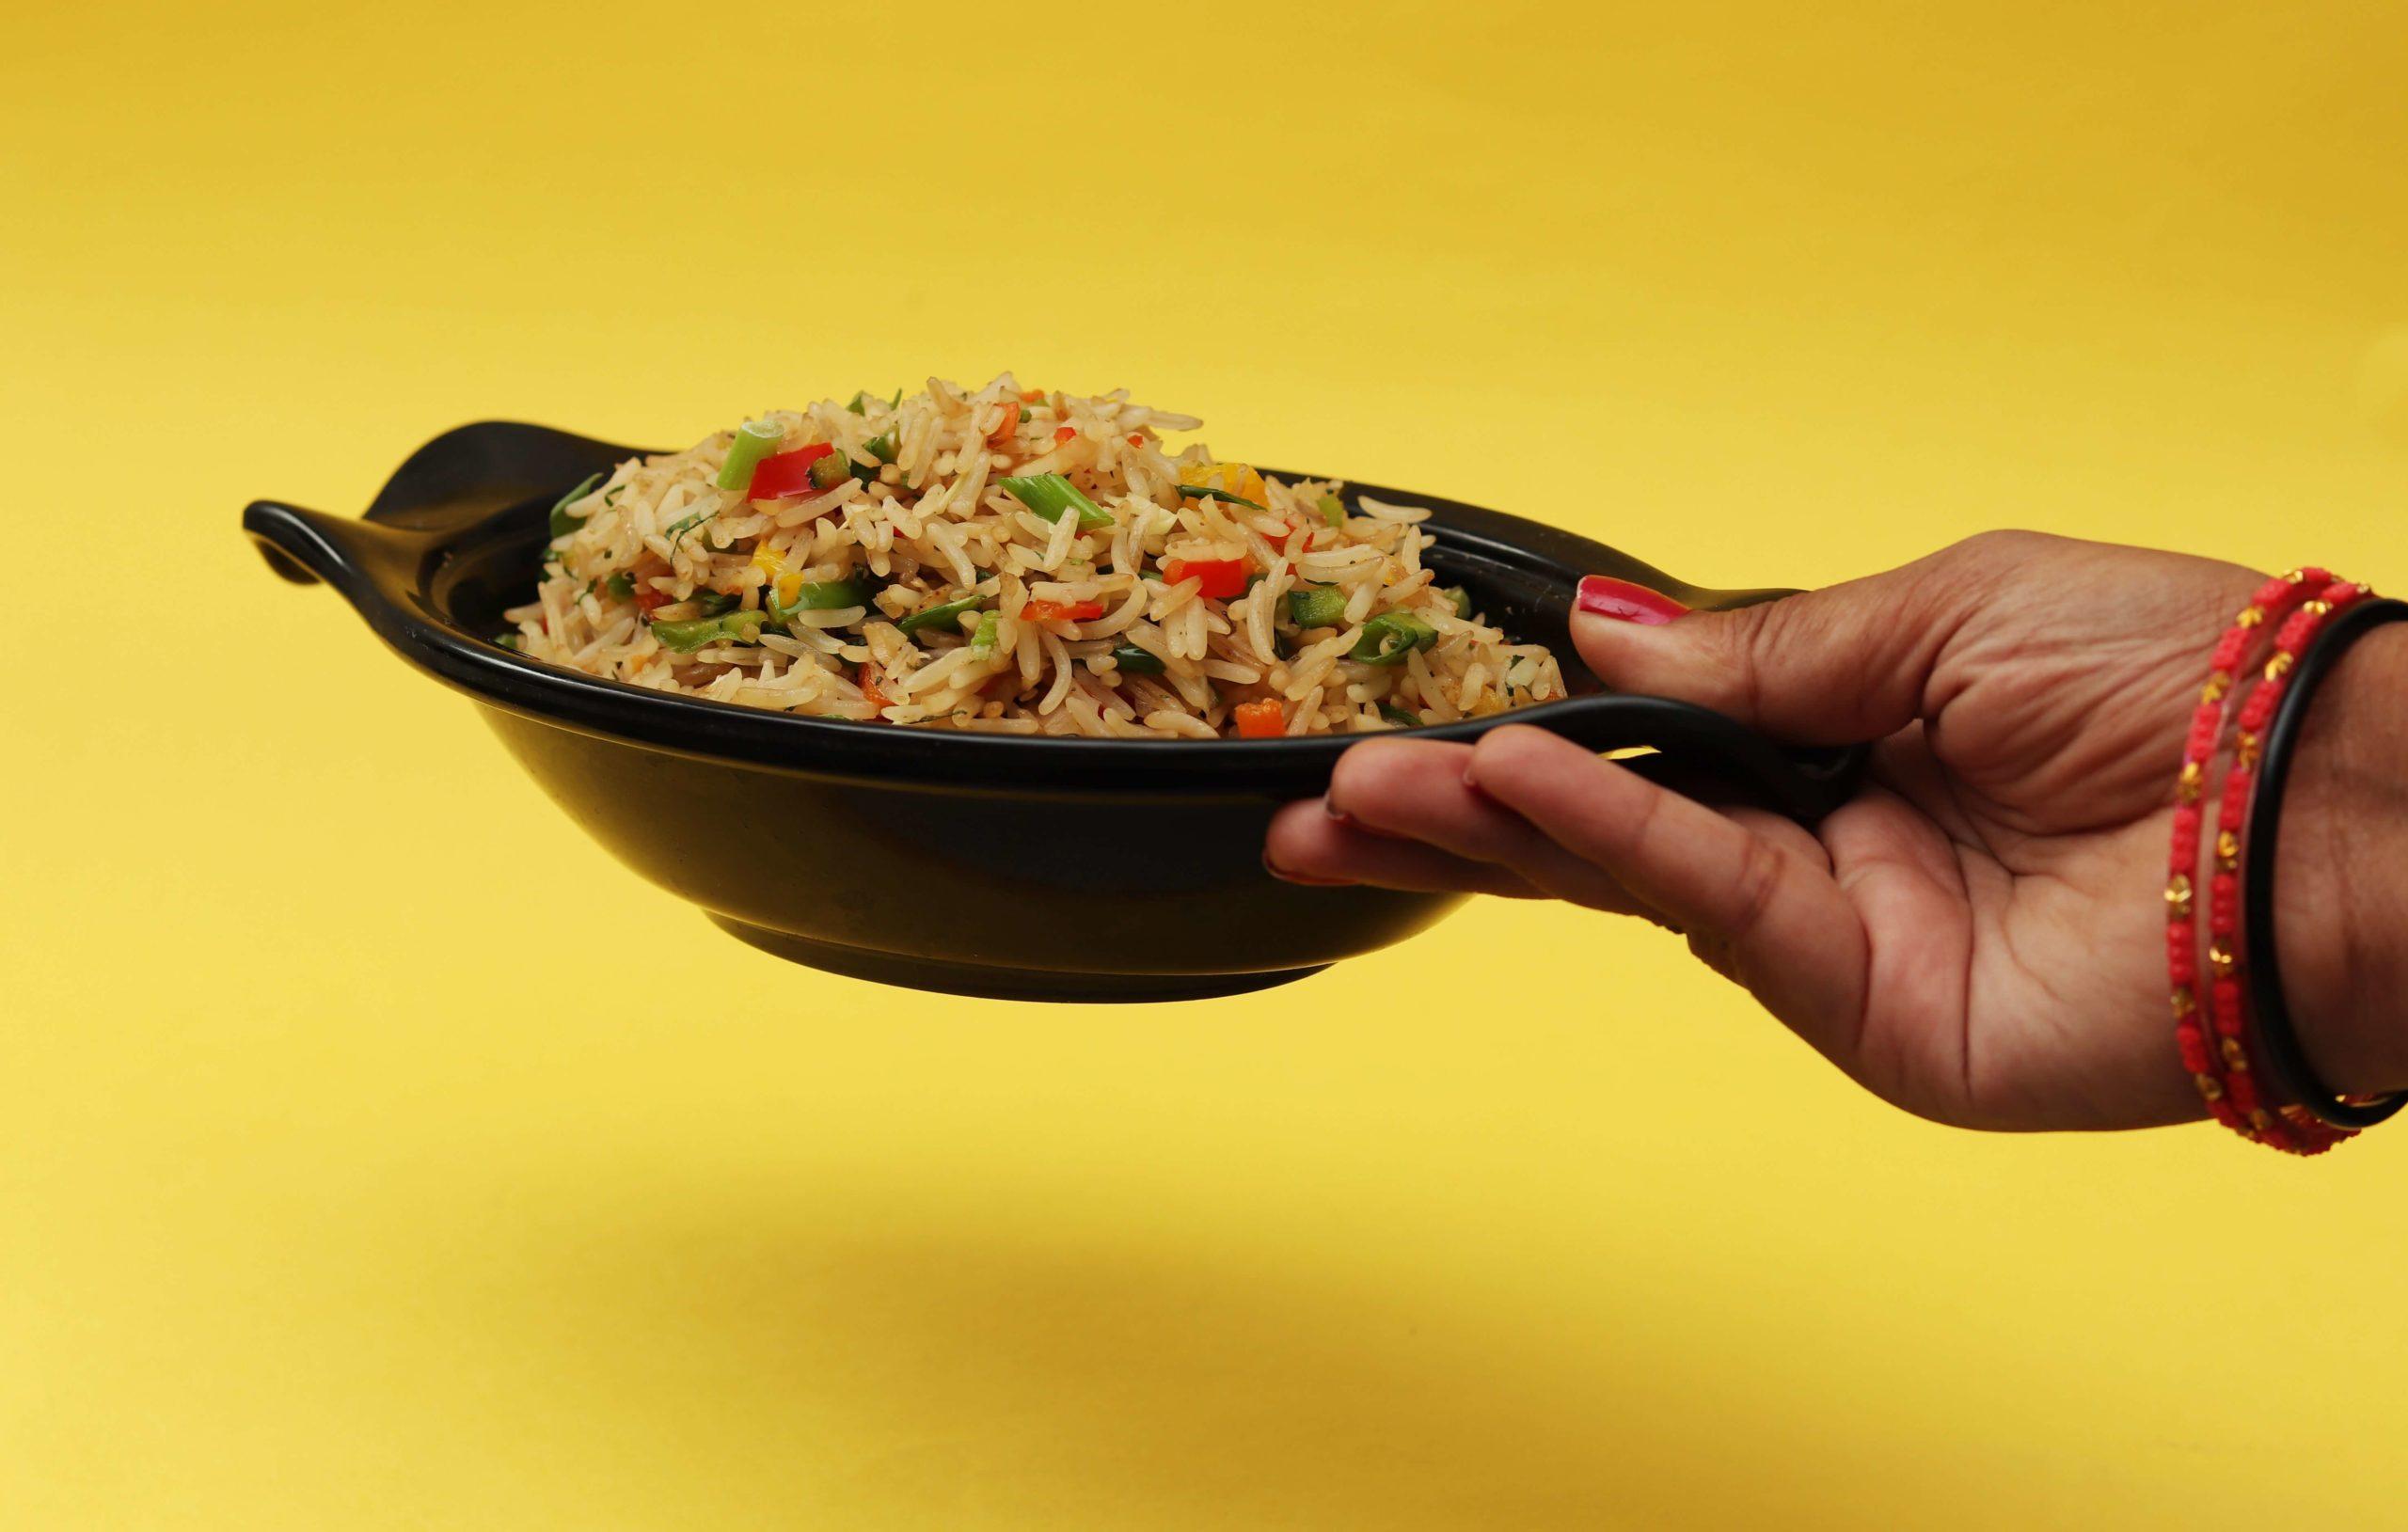 Mit der Umstellung auf vegane Ernährung kannst du Geld und Zeit sparen, wenn du dich auf Grundnahrungsmittel sowie saisonales und regionales Obst und Gemüse fokussierst. Das Bild zeigt eine Schüssel mit Reis und Gemüse. Veröffentlicht von Pixzolo Photography auf Unsplash.